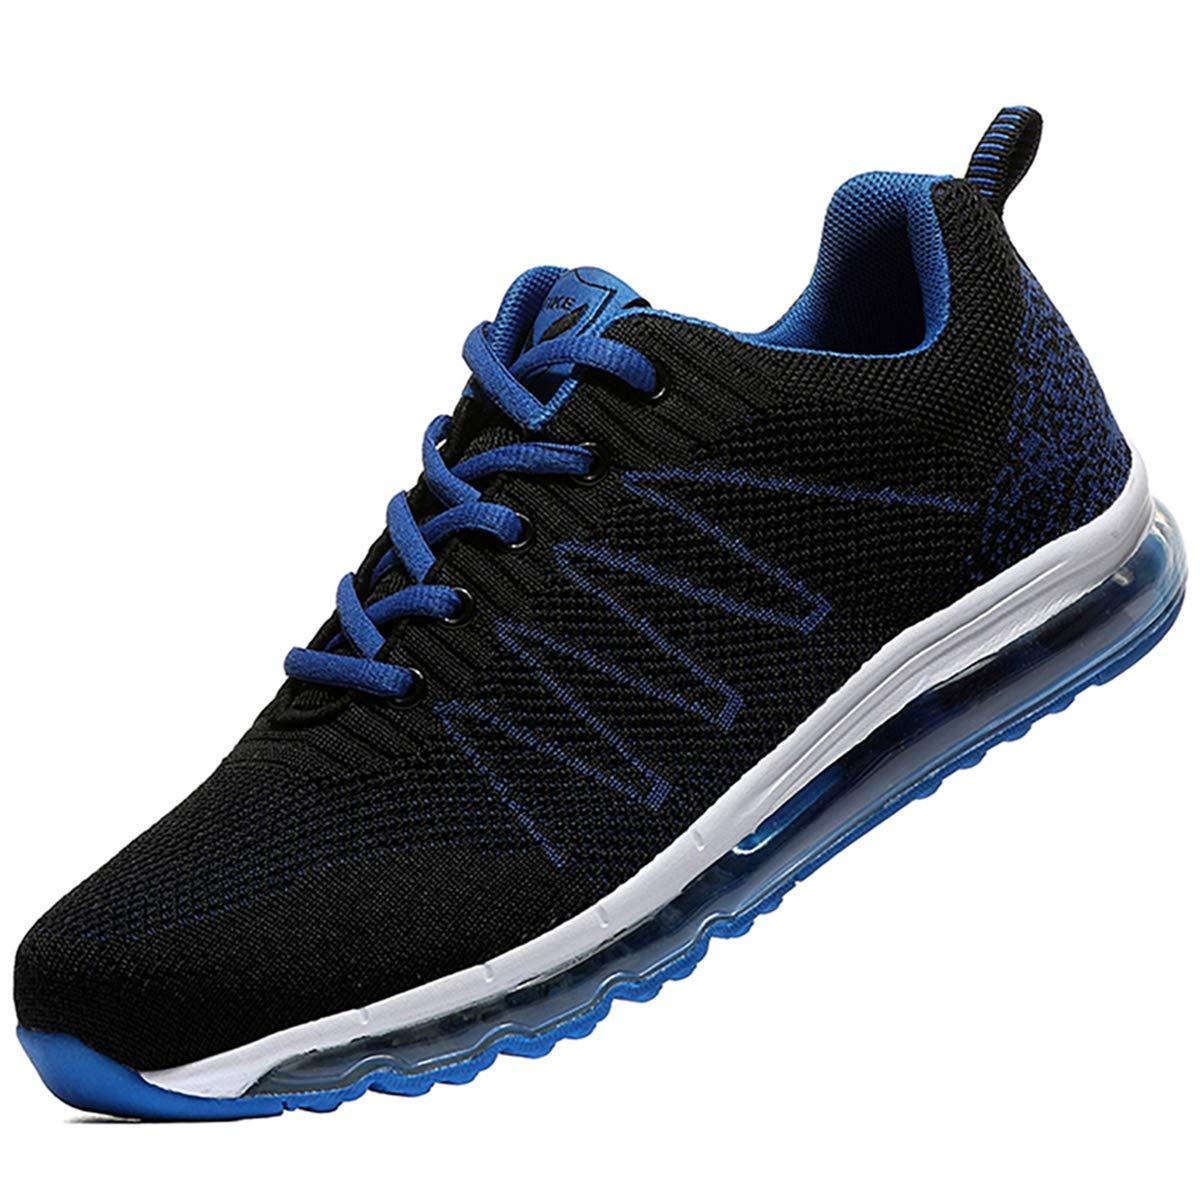 f15f94c1c515ad Scarpe da Ginnastica Uomo Corsa Sportive Fitness Running Sneakers ...